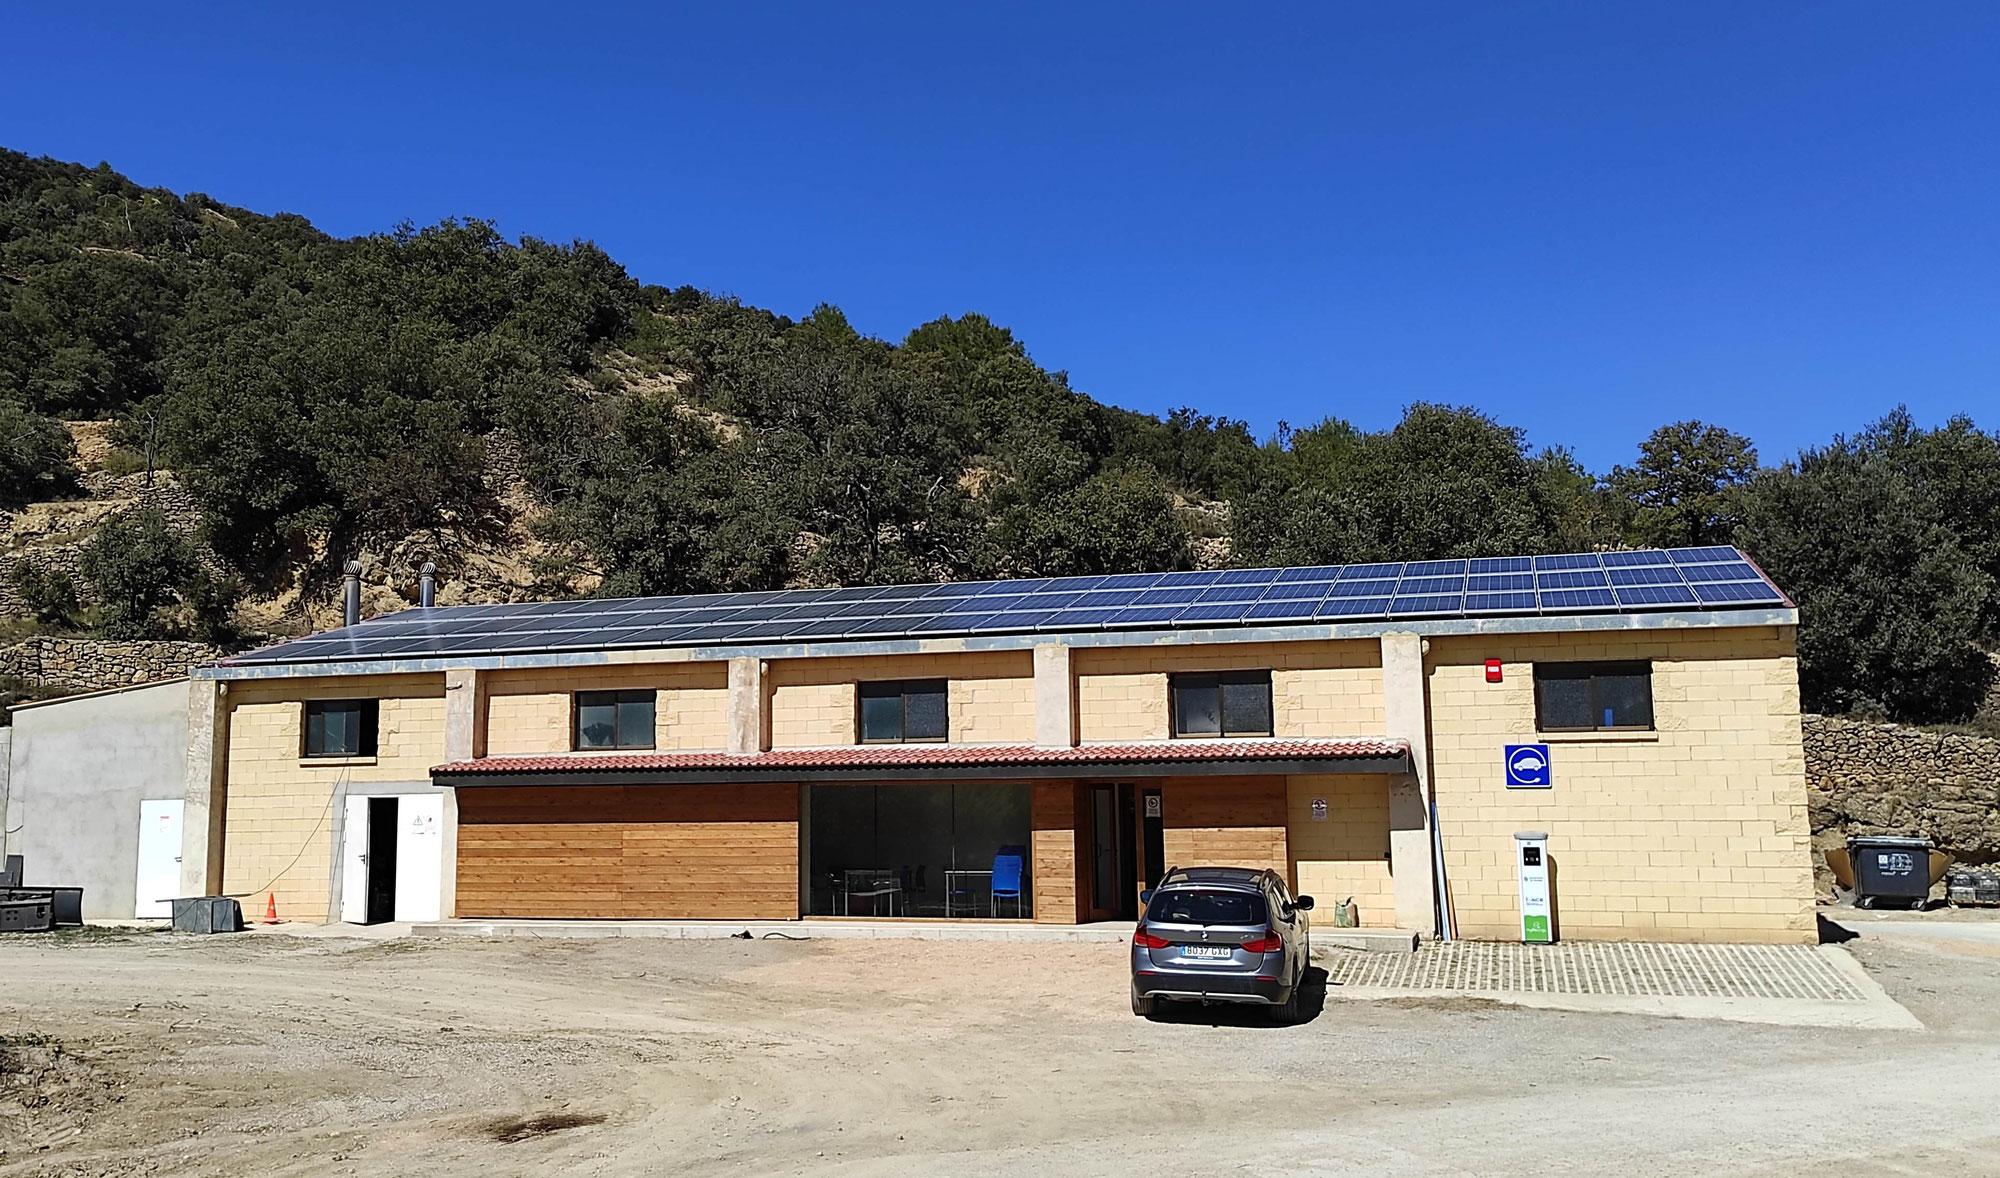 Instalación de autoconsumo fotovoltaico para red de calor en Todolella